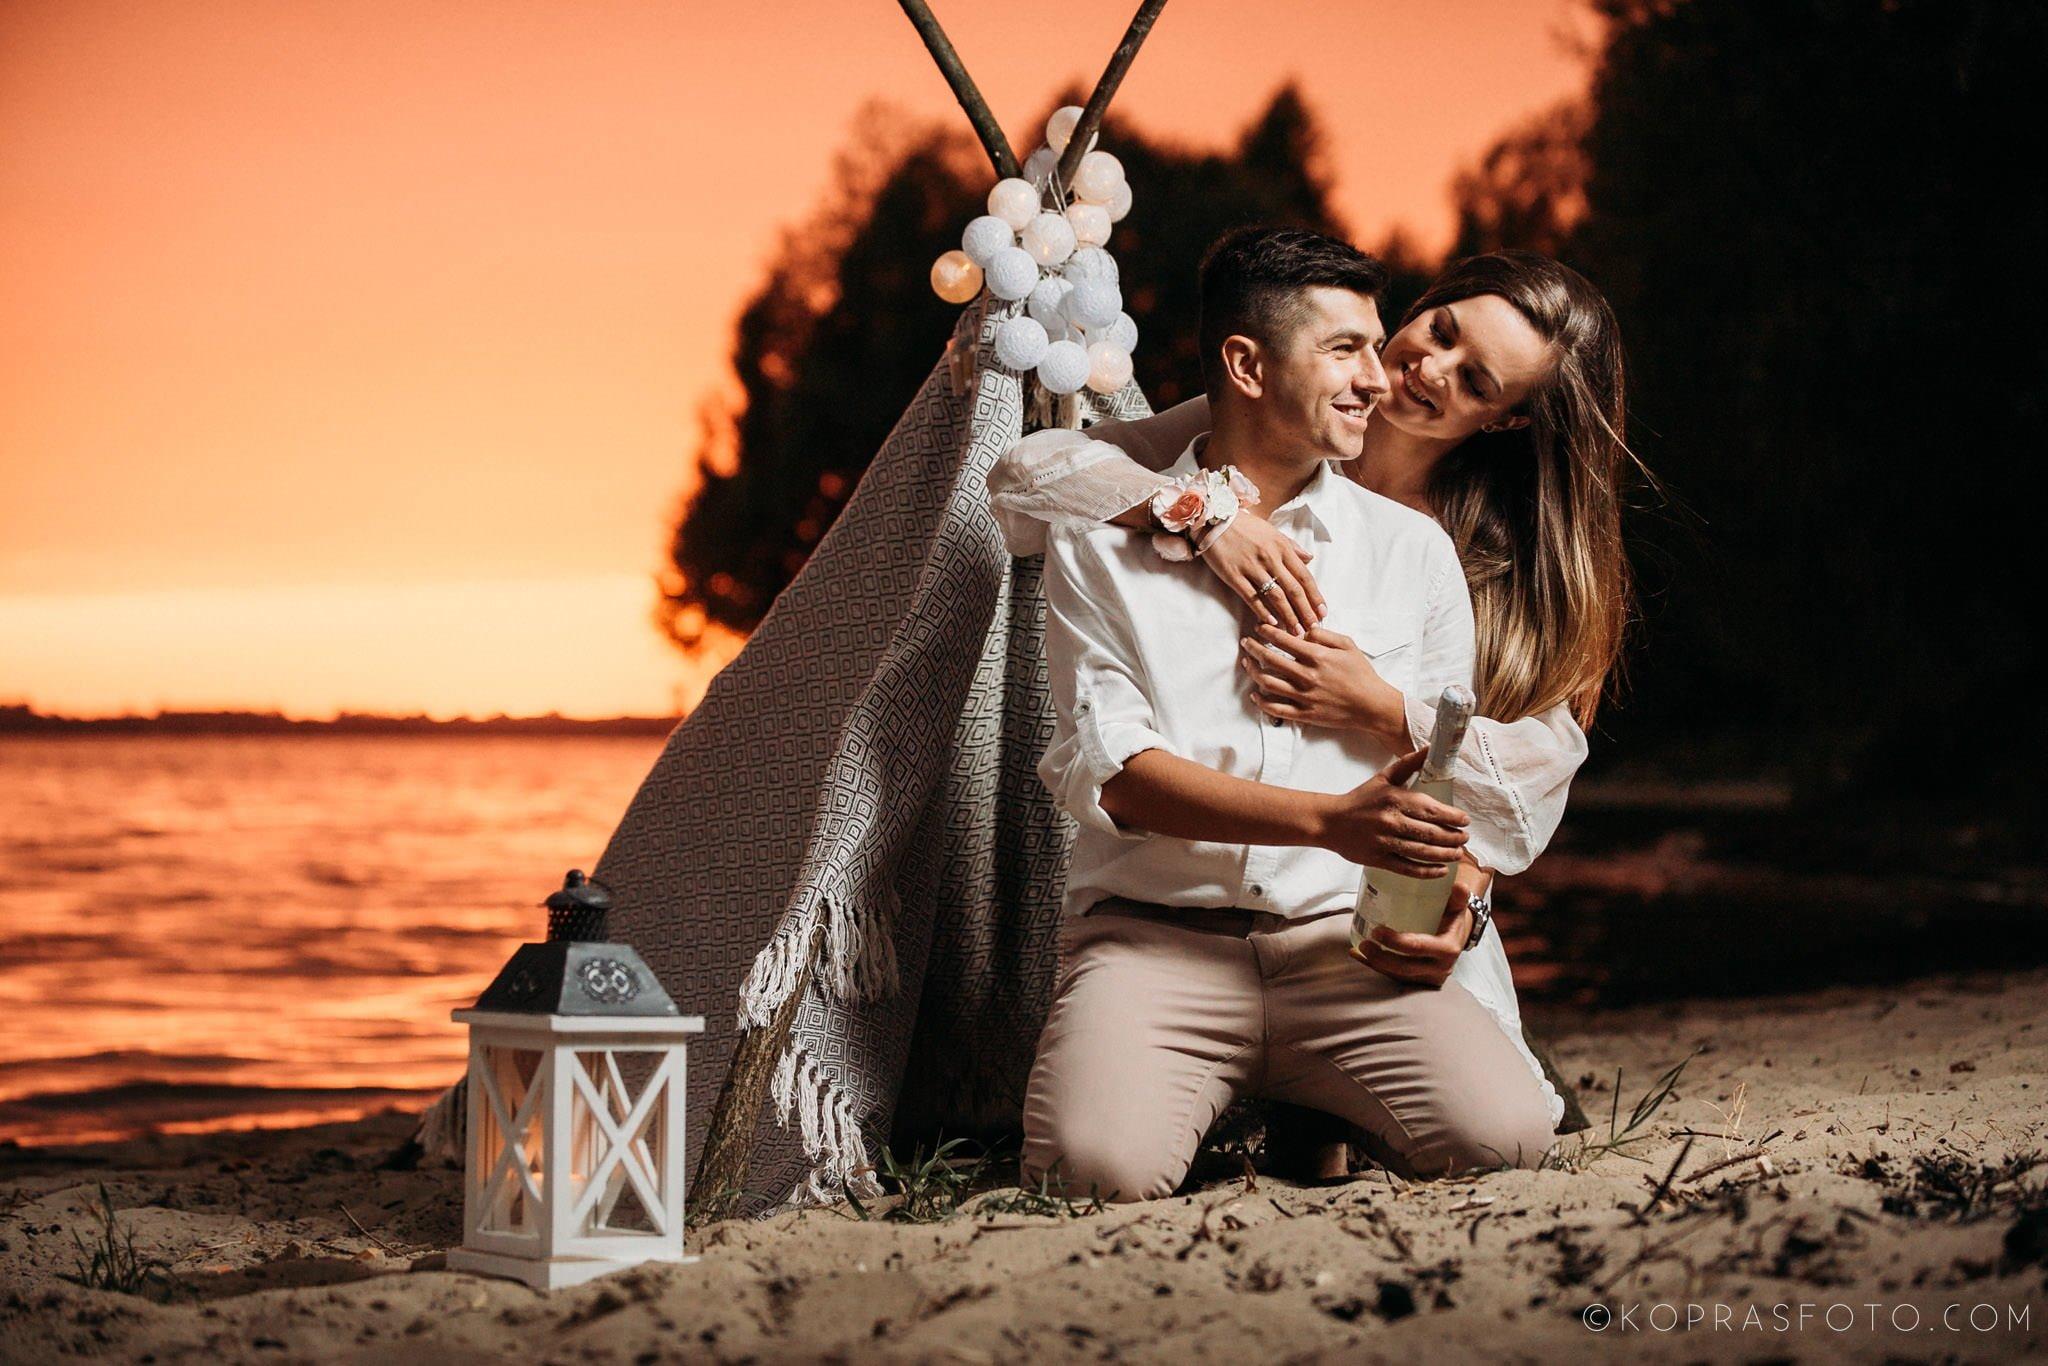 romantyczna sesja narzeczeńska, piękne zdjęcia, kreatywna fotografia, zbiornik jeziorsko, najlepszy fotograf konin, fotograf konin, fotograf poznań, fotograf ostrów wielkopolski,